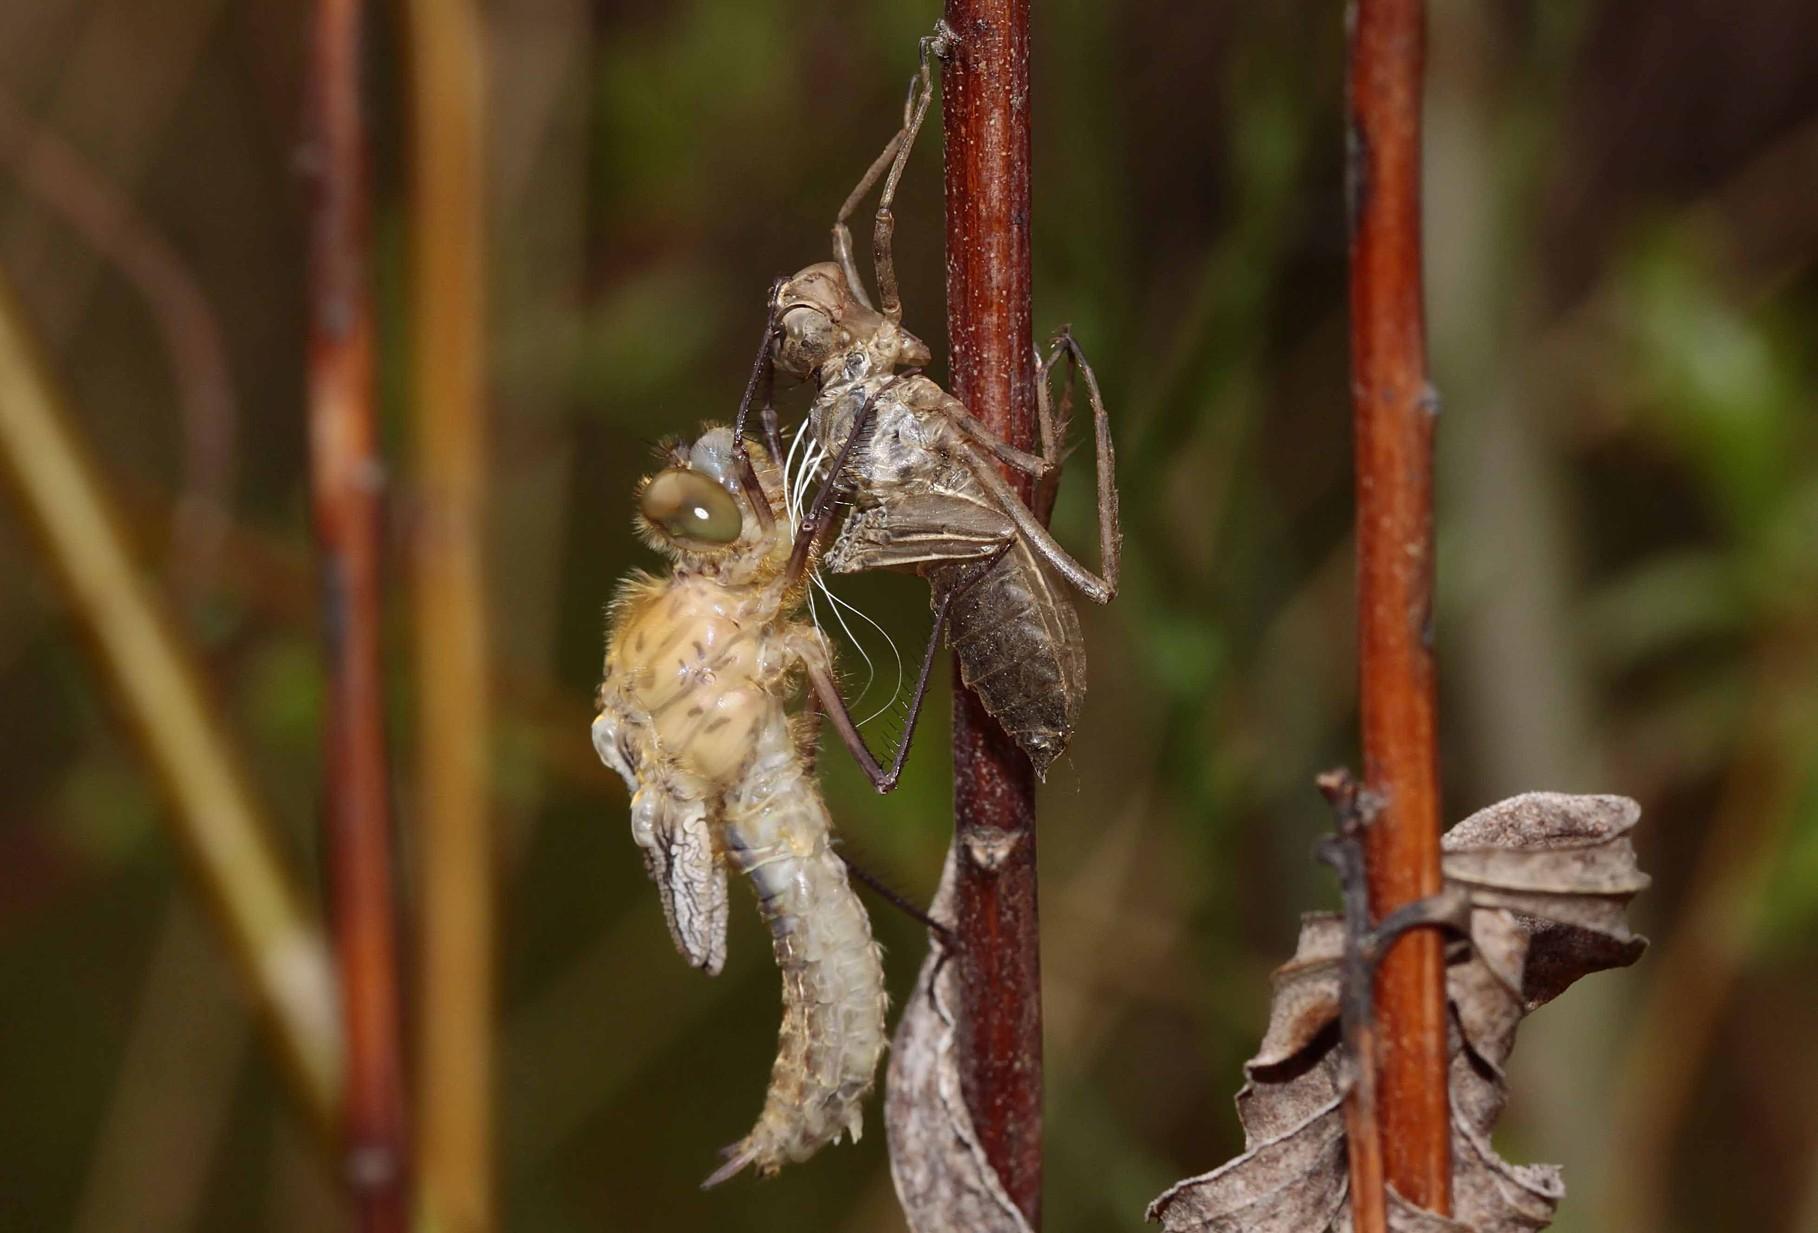 Aufpumpen der Flügel mit Hämolymphe, strecken des Abdomens.